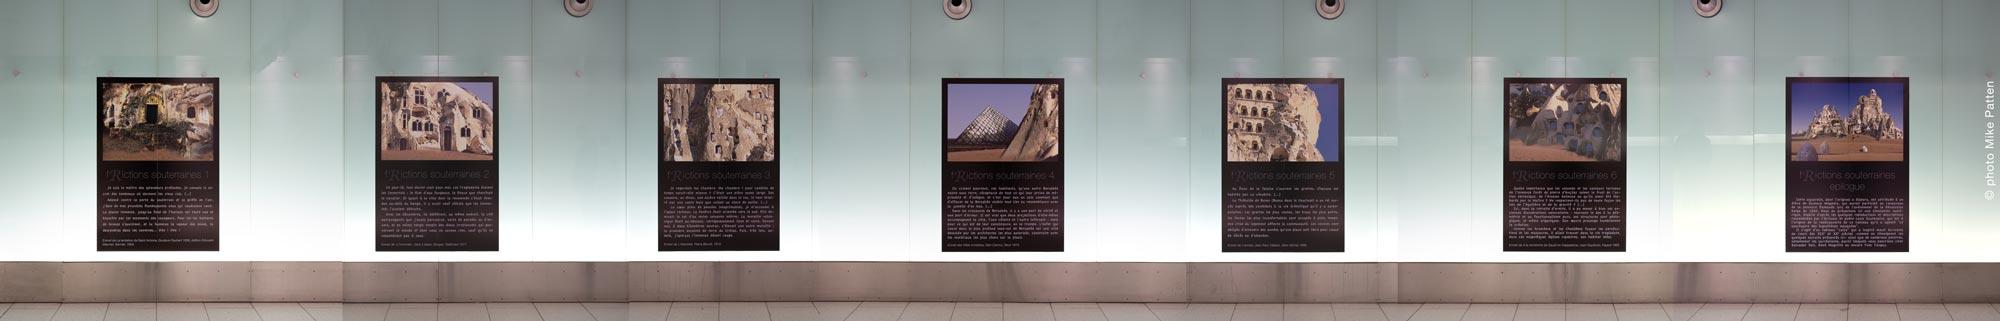 f(R)ictions souterraines, Festival Art Souterrain, Montréal © Olivier Huet 2019, photographie Mike Patten